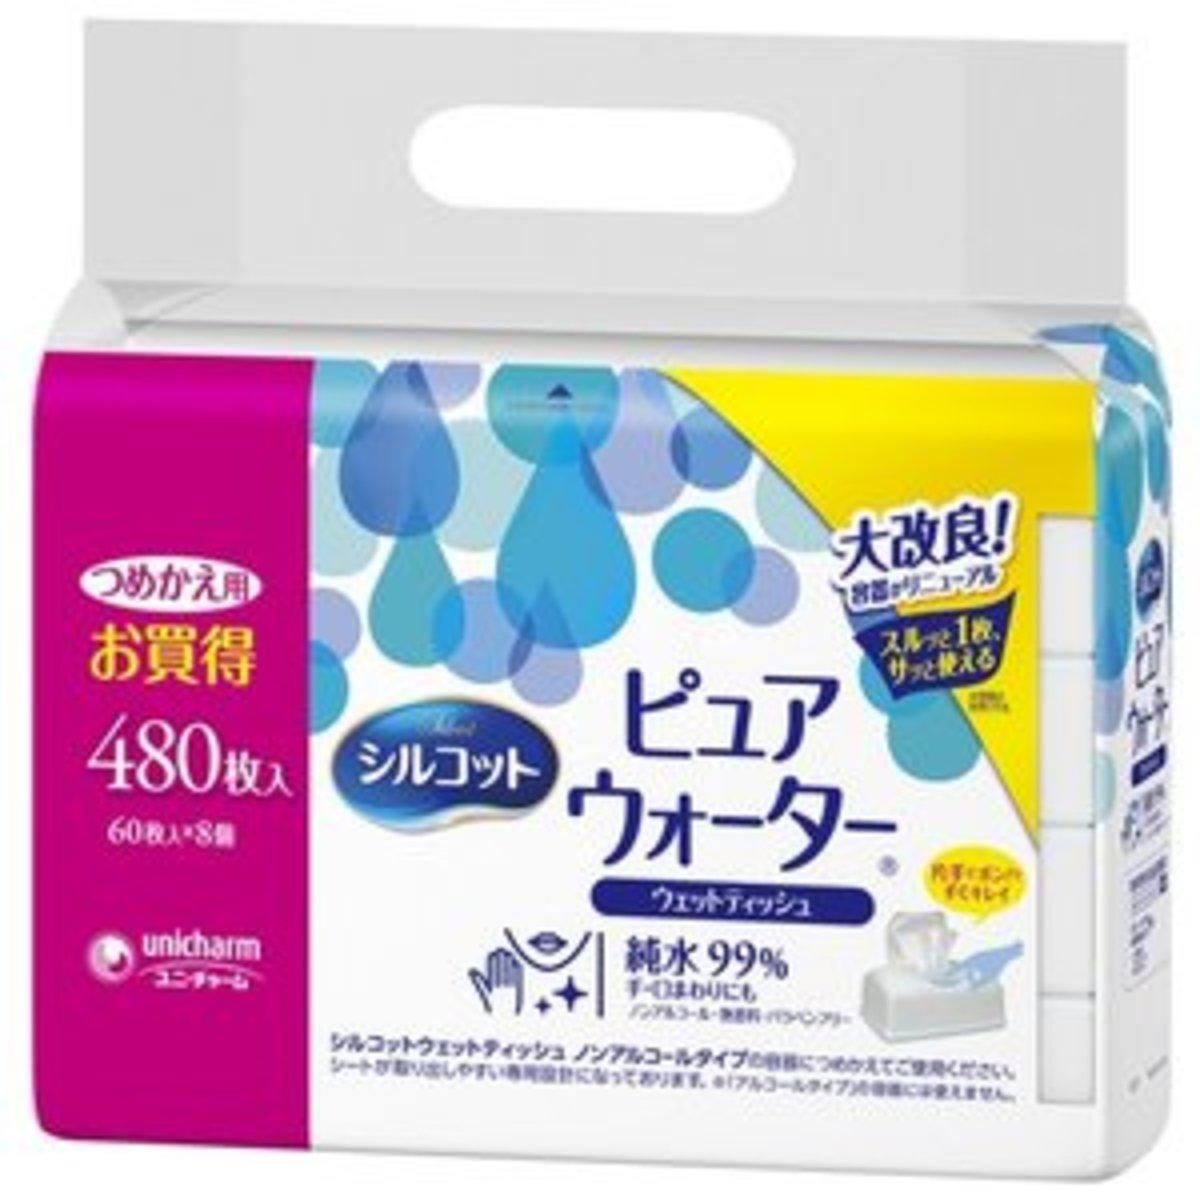 純淨水濕紙巾(60片 x 8) (平行進口貨品)